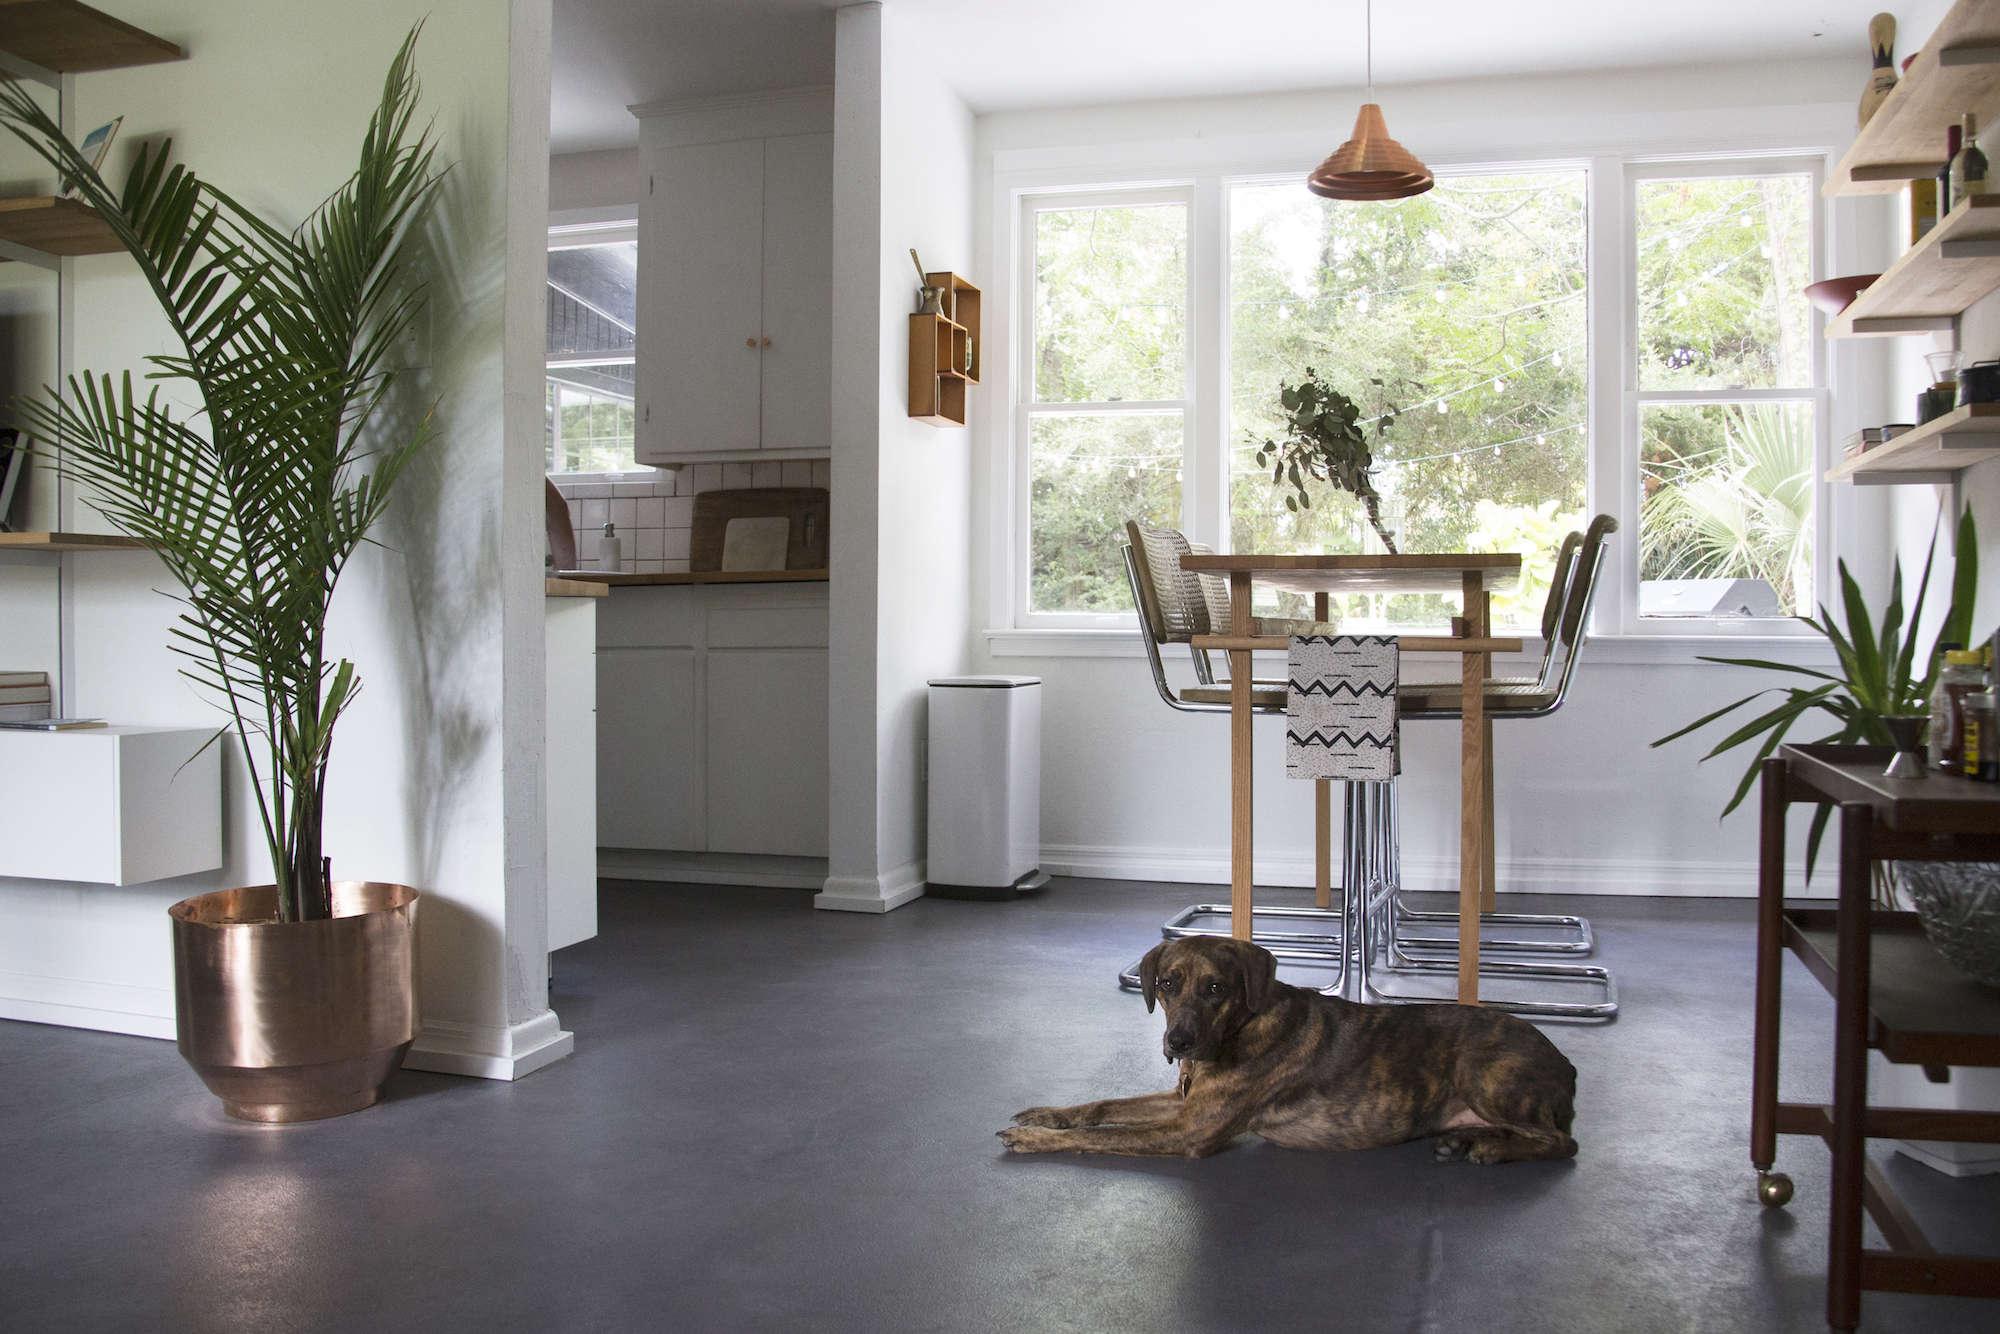 living-room-budget-remodel-dog-concrete-floors-plants-dining-nook